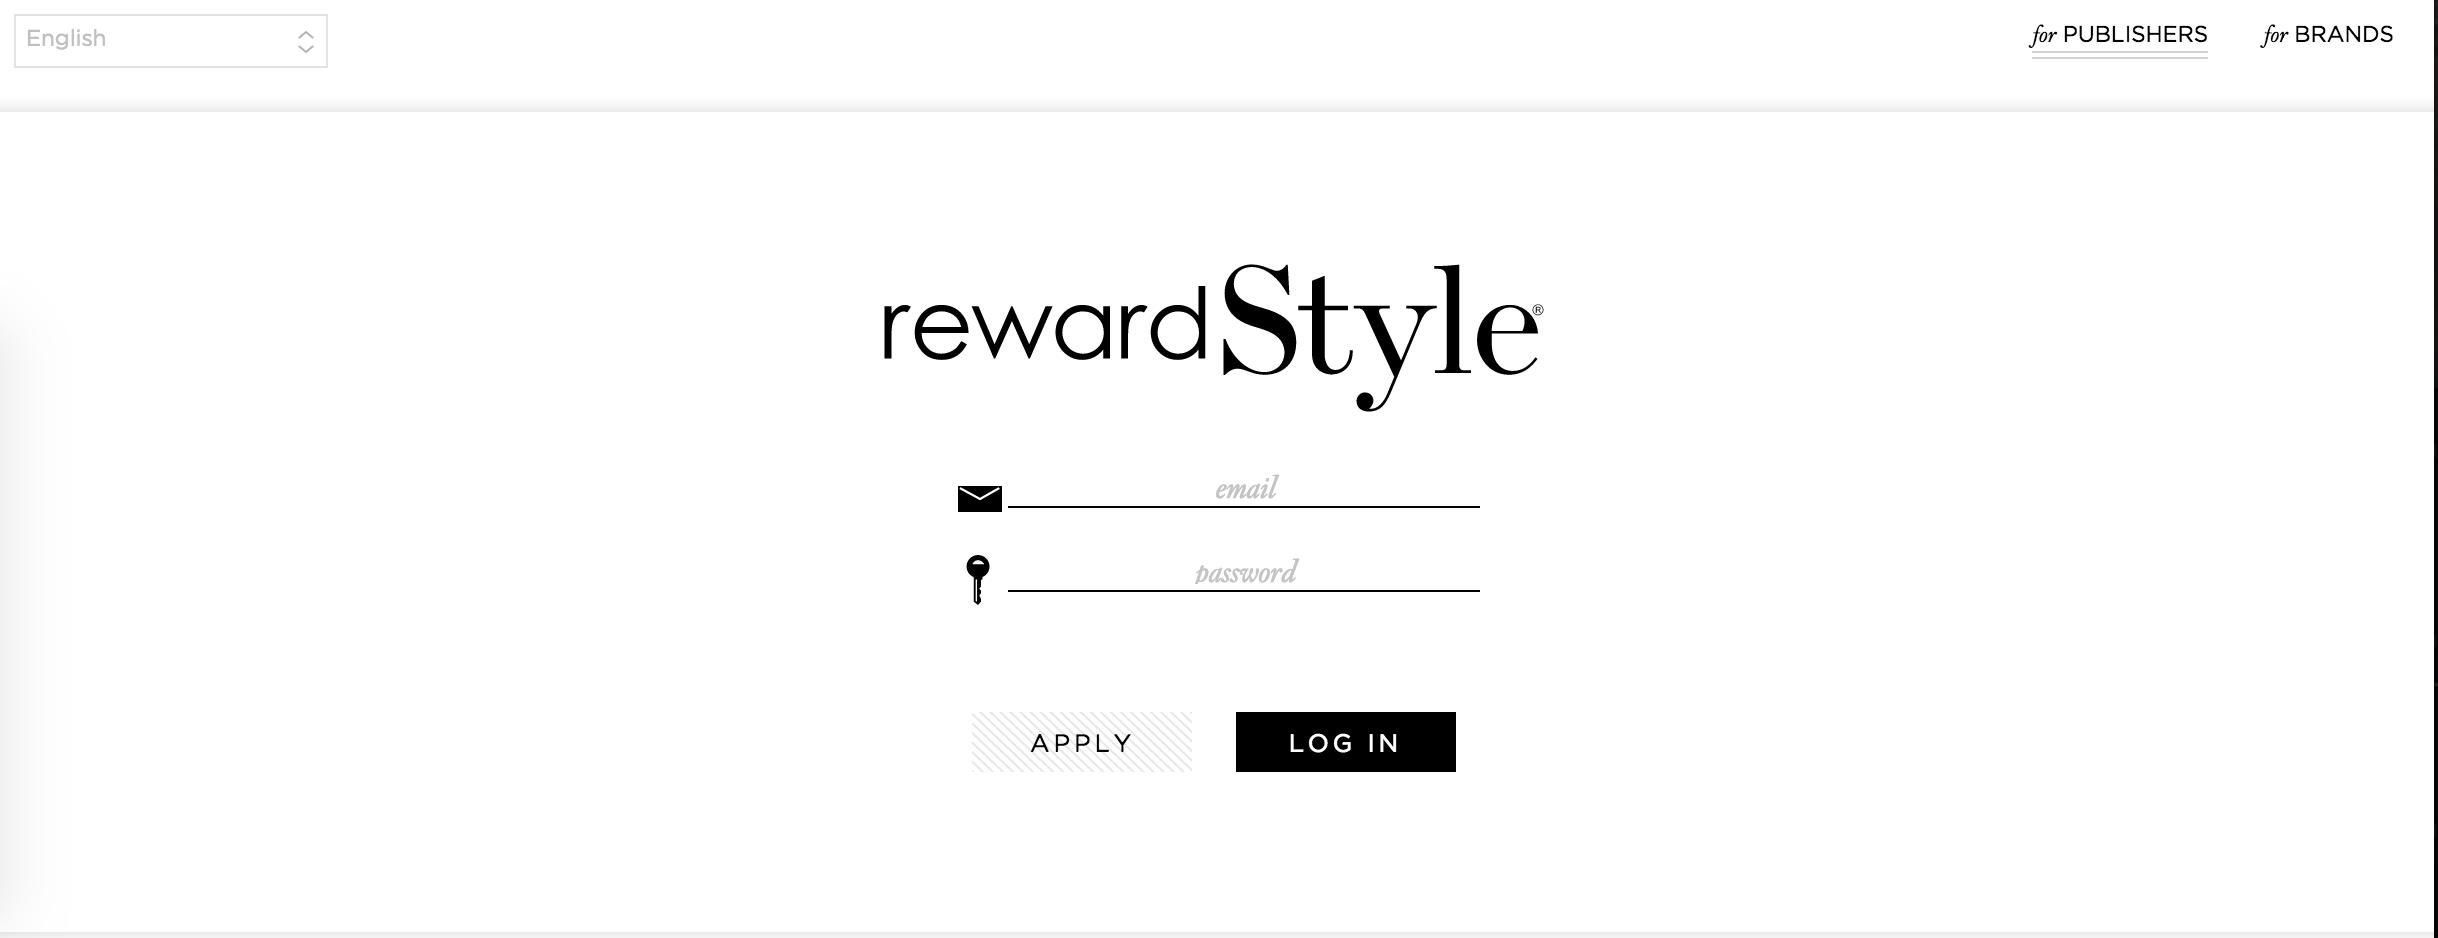 cody schneider blog digital marketing what is rewardstyle.com